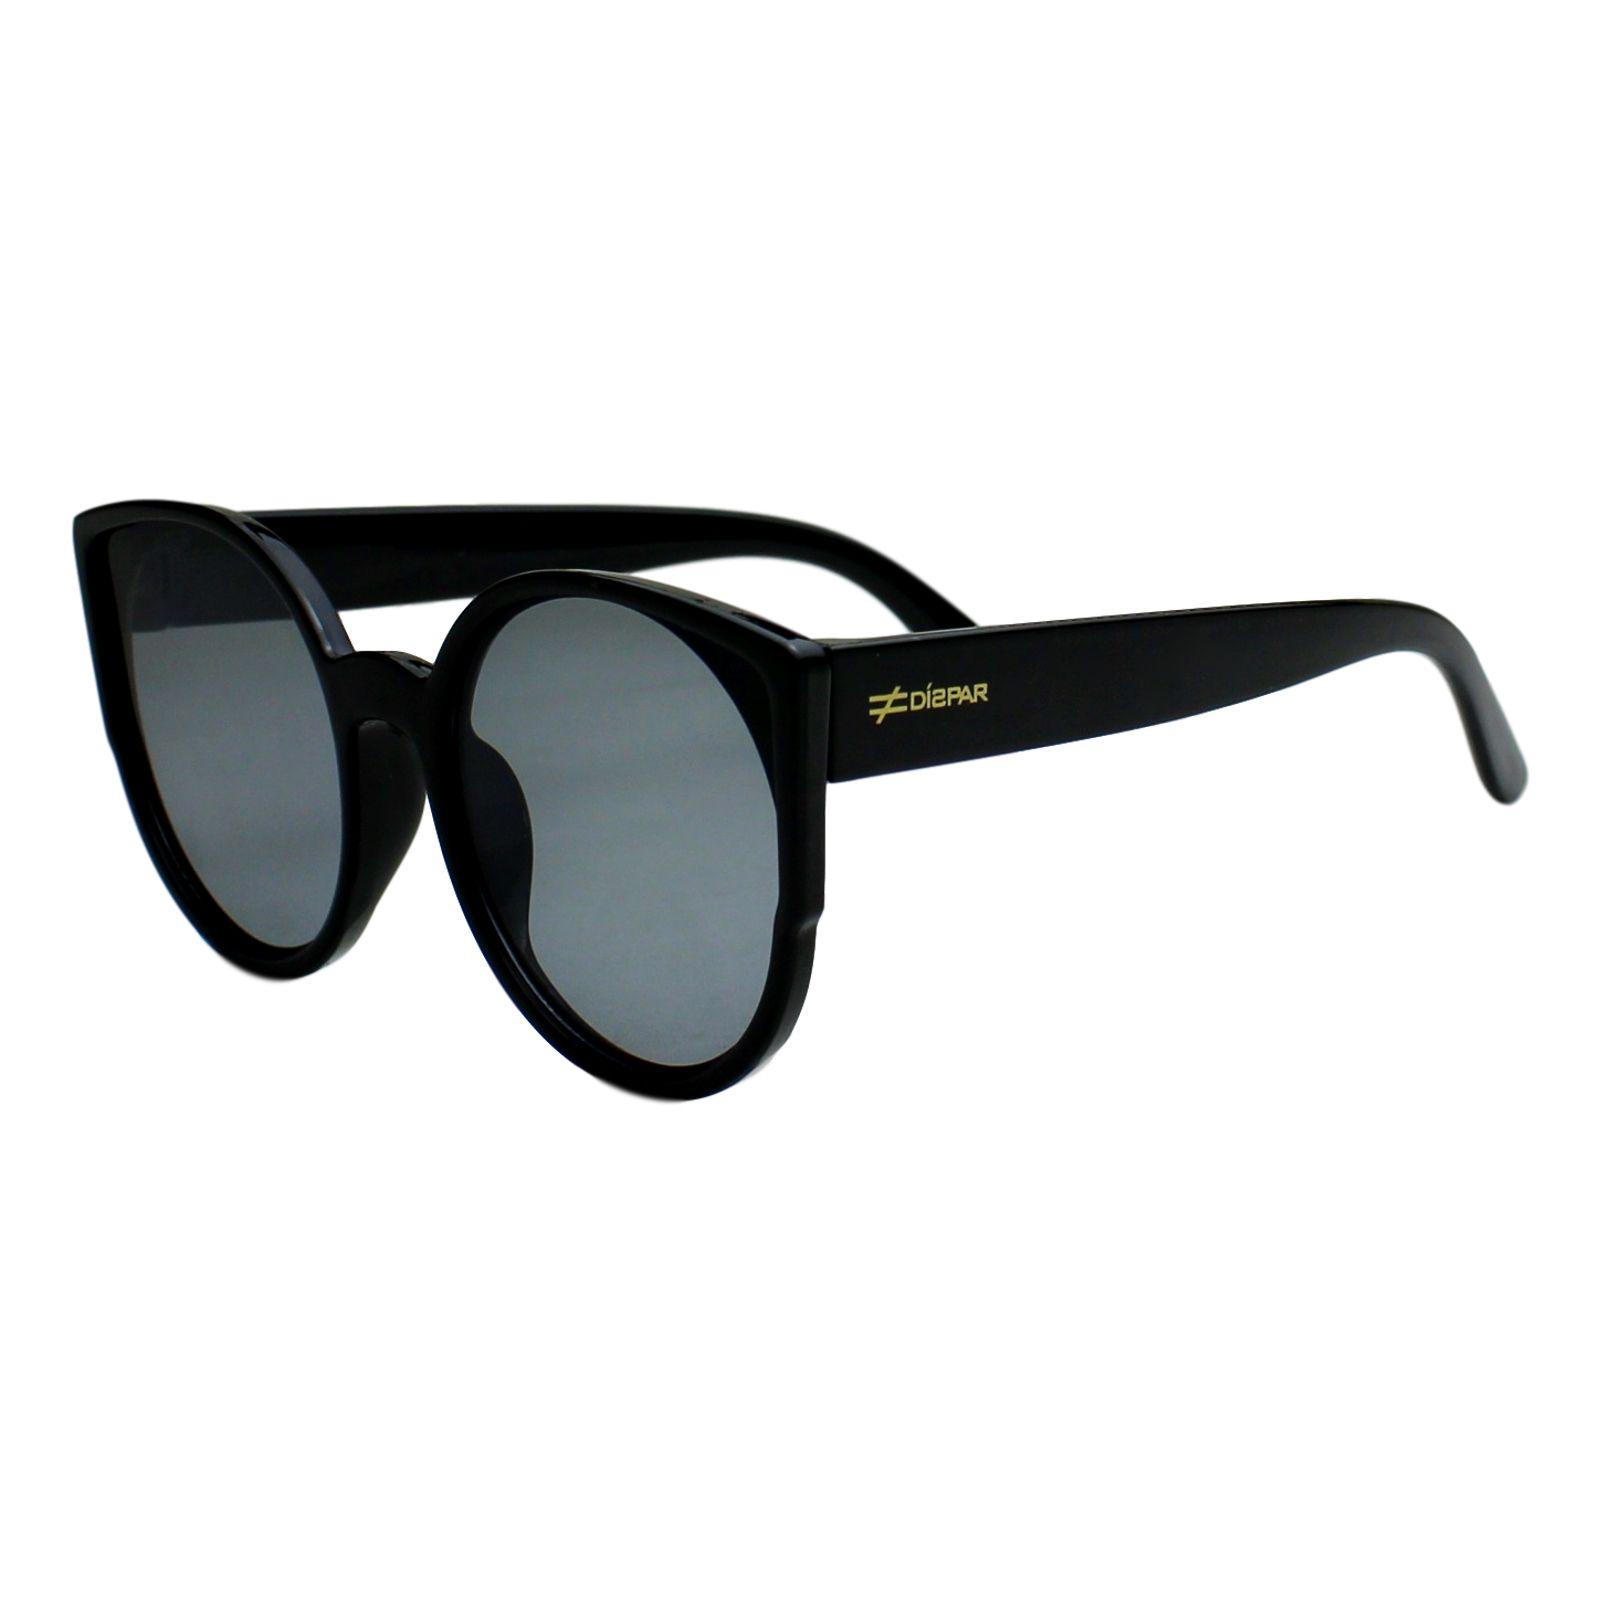 Óculos de Sol Díspar ID1895 infantil idade 9 a 12 anos Preto